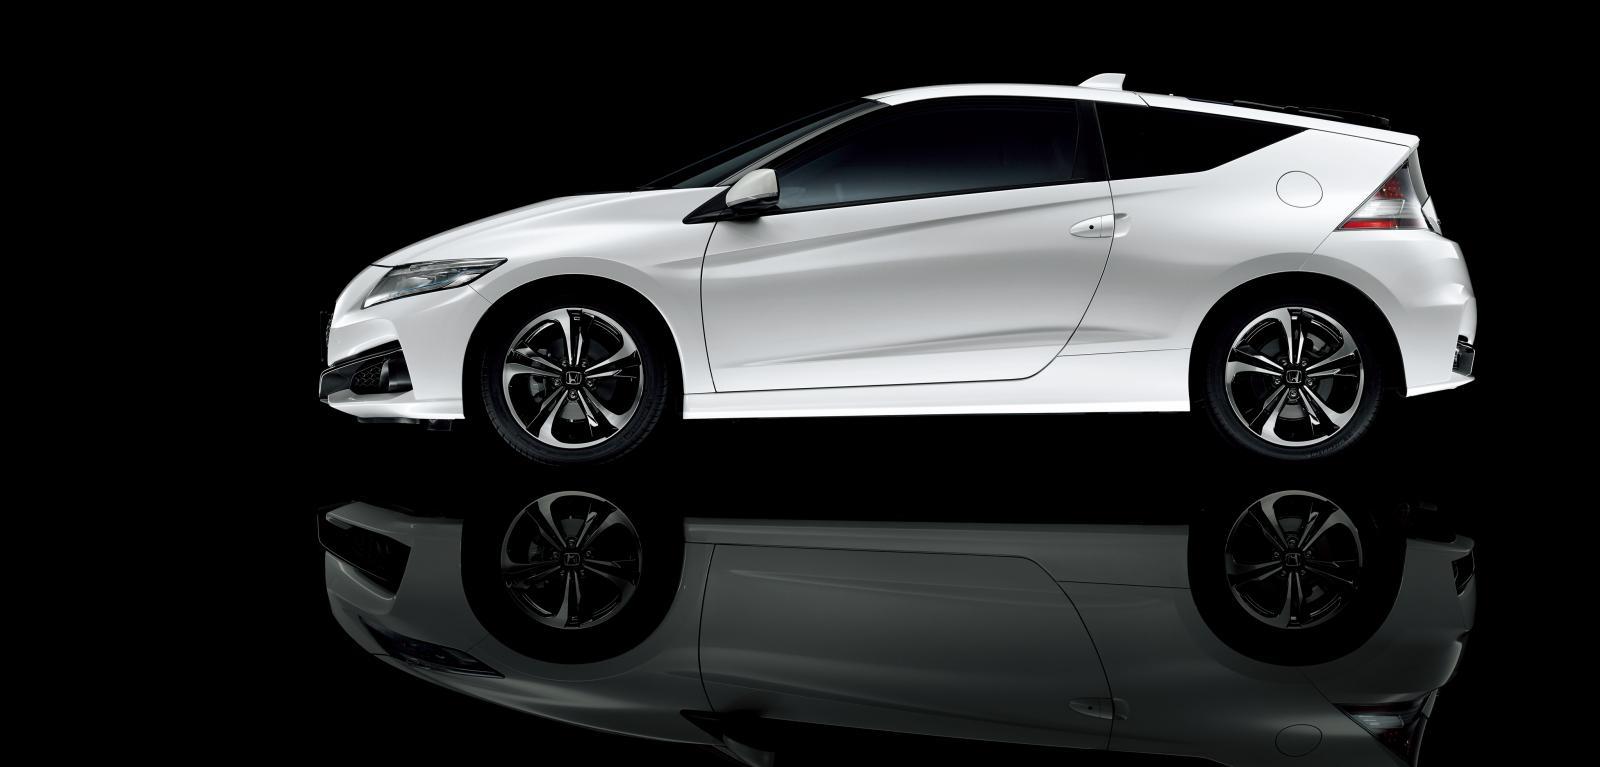 [Image: S0-Honda-officialise-le-restylage-du-CR-Z-360062.jpg]